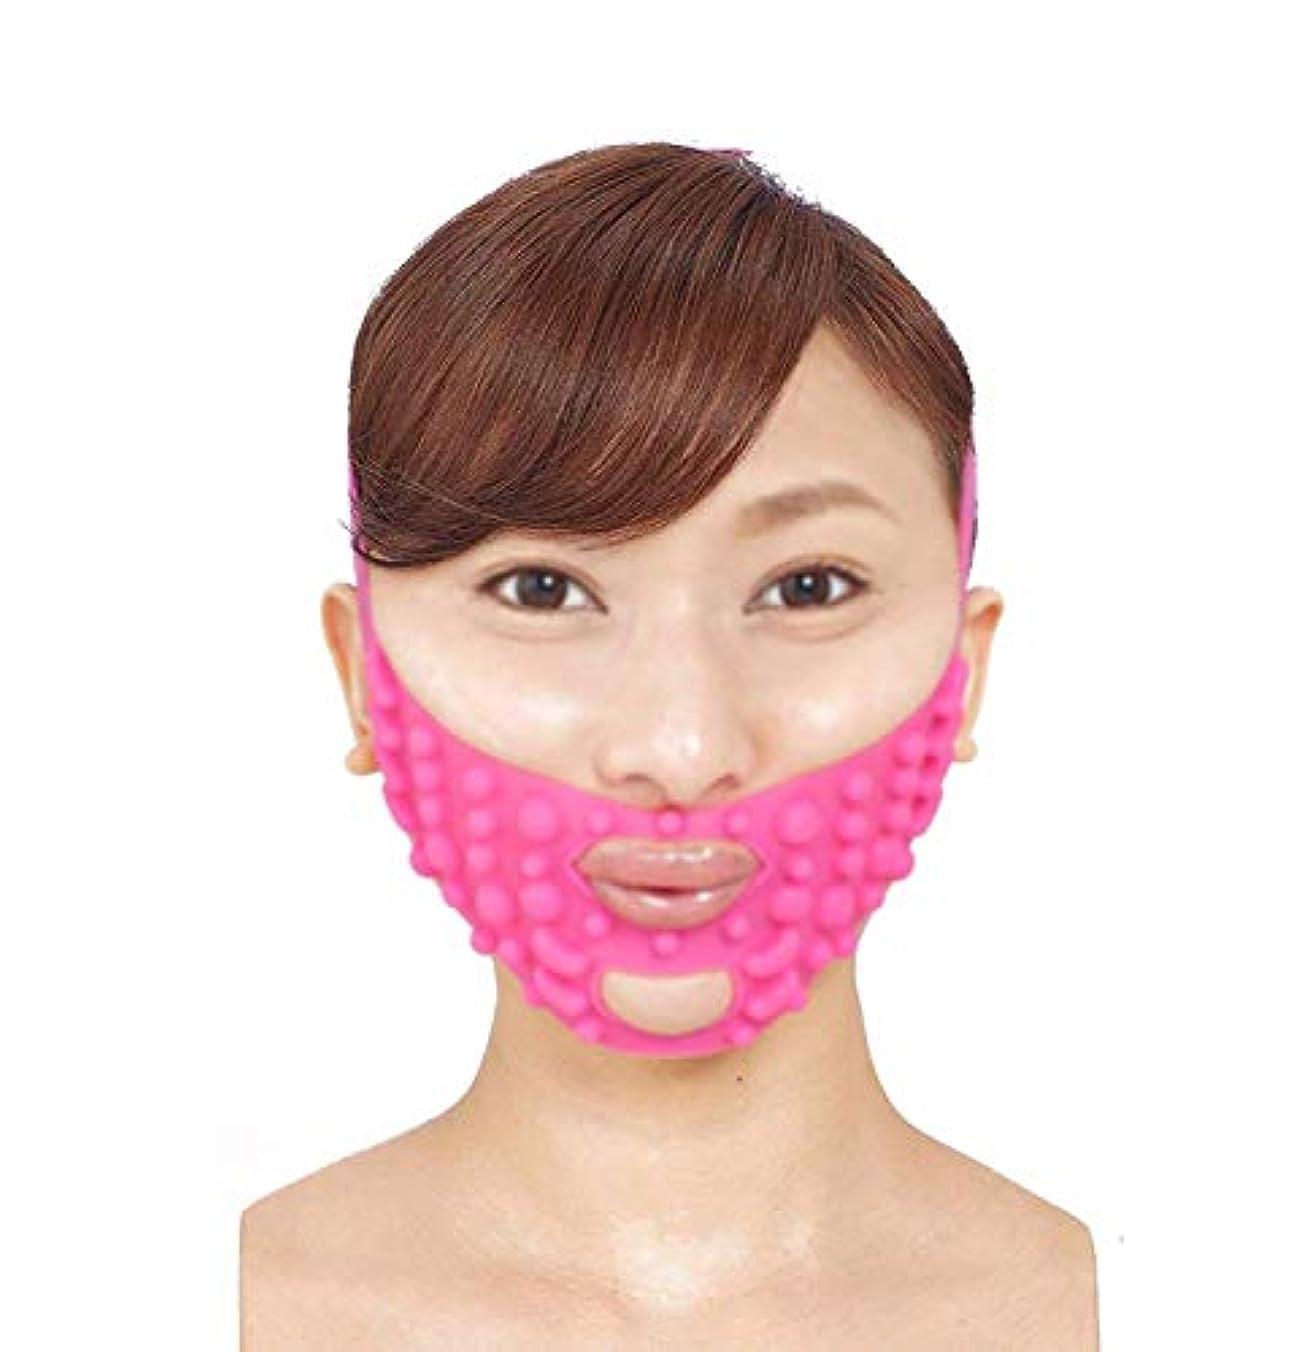 子豚妻乳剤フェイシャルマスク、リフティングアーティファクトフェイスマスク垂れ下がった小さなVフェイスバンデージ付きの顔 スリーピングフェイスダブルチンチンセットスリープエラスティックスリミングベルト